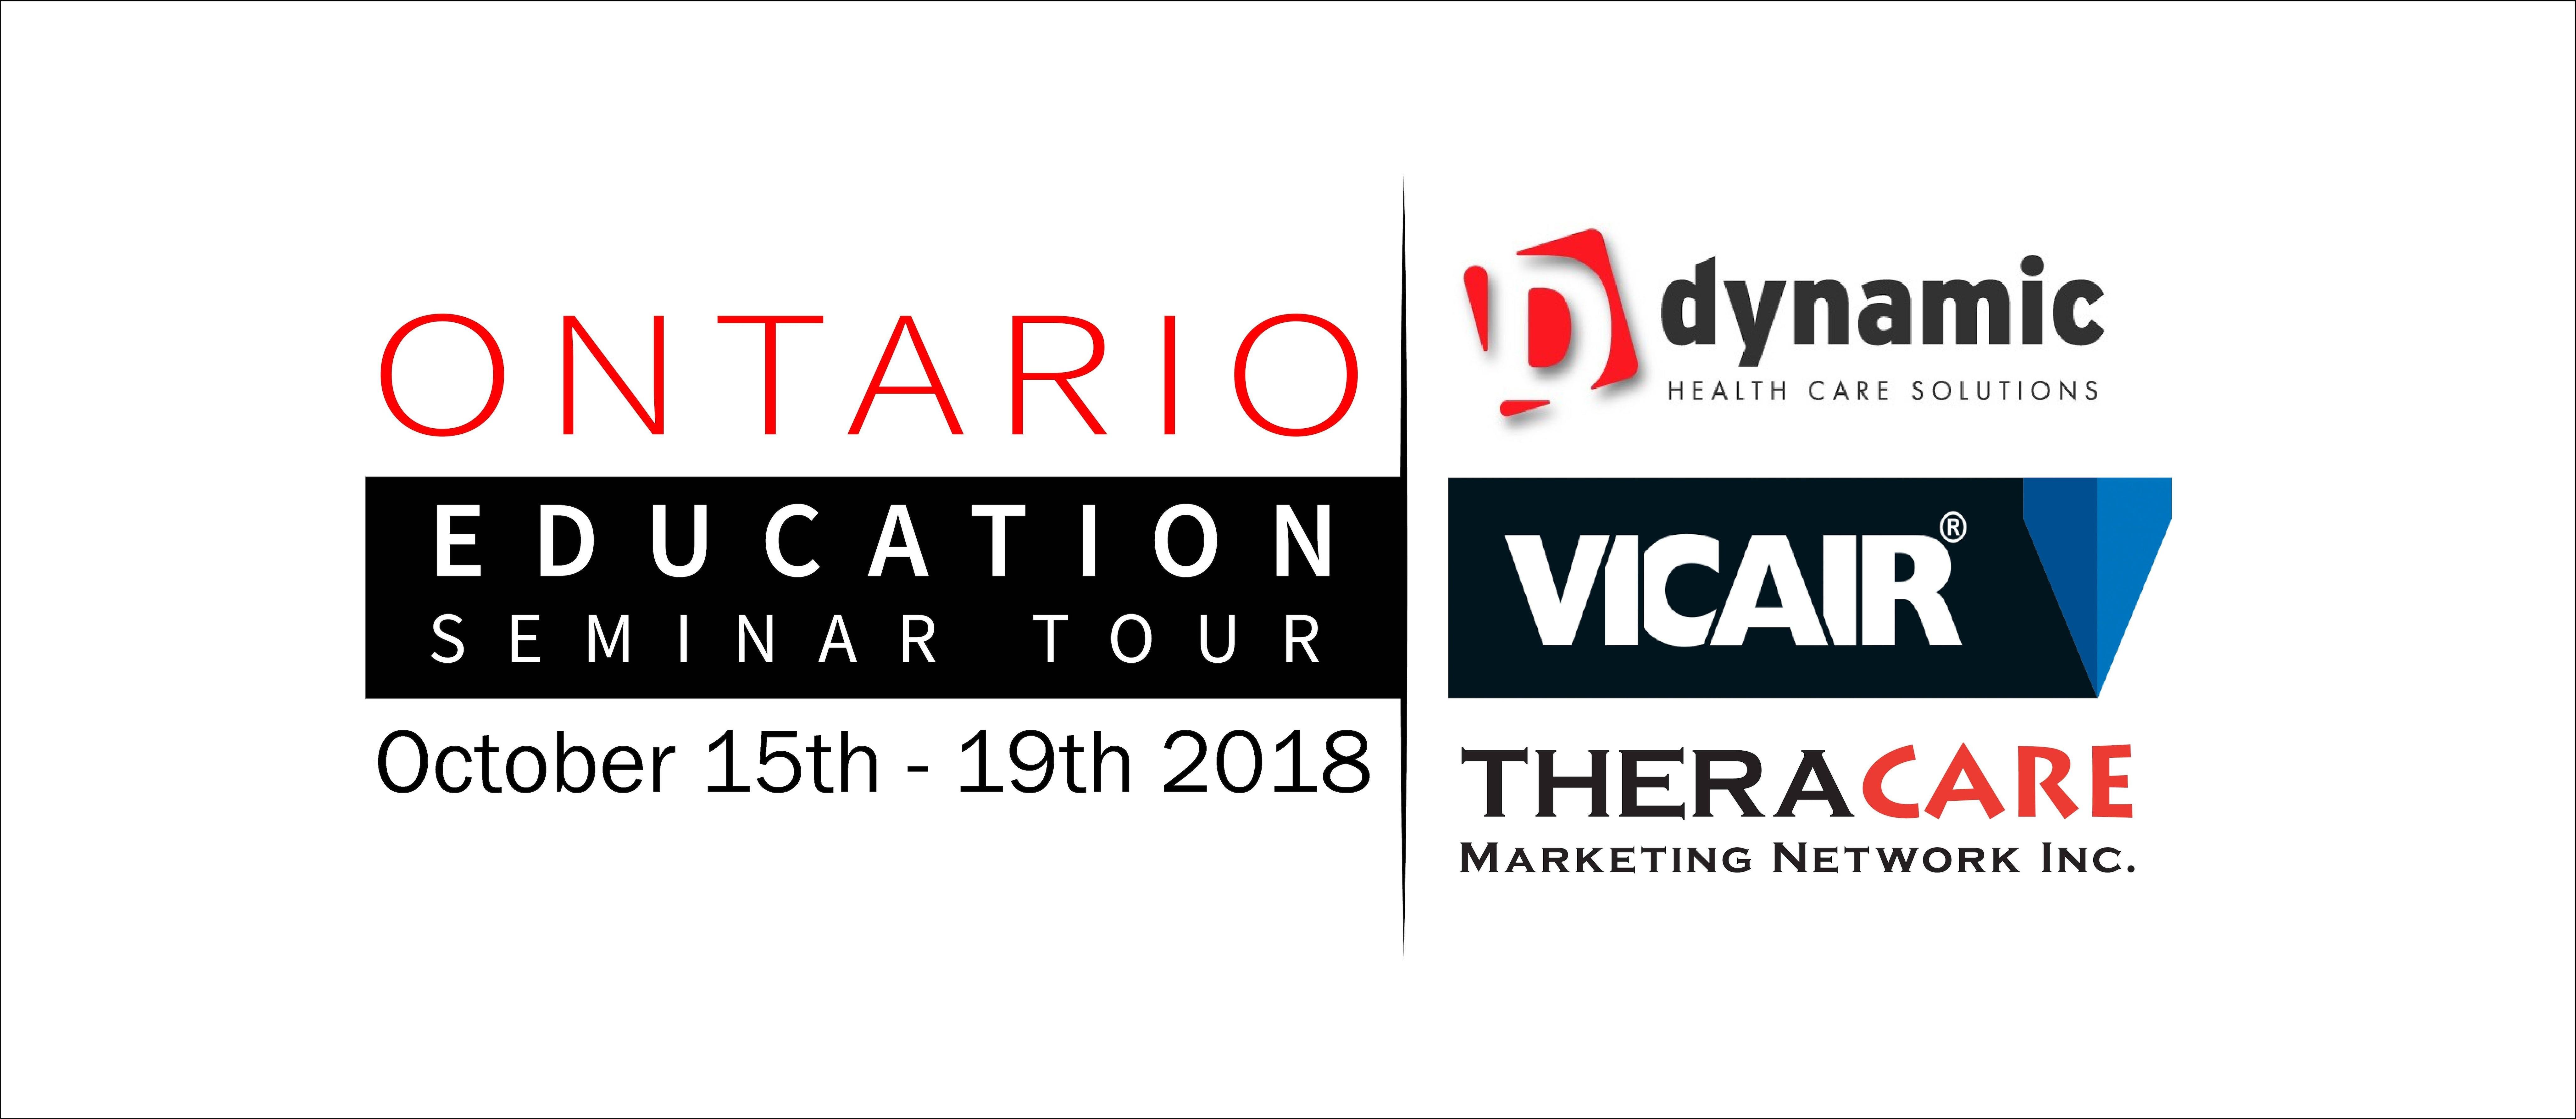 Ontario Education Seminar: Toronto - Wednesda